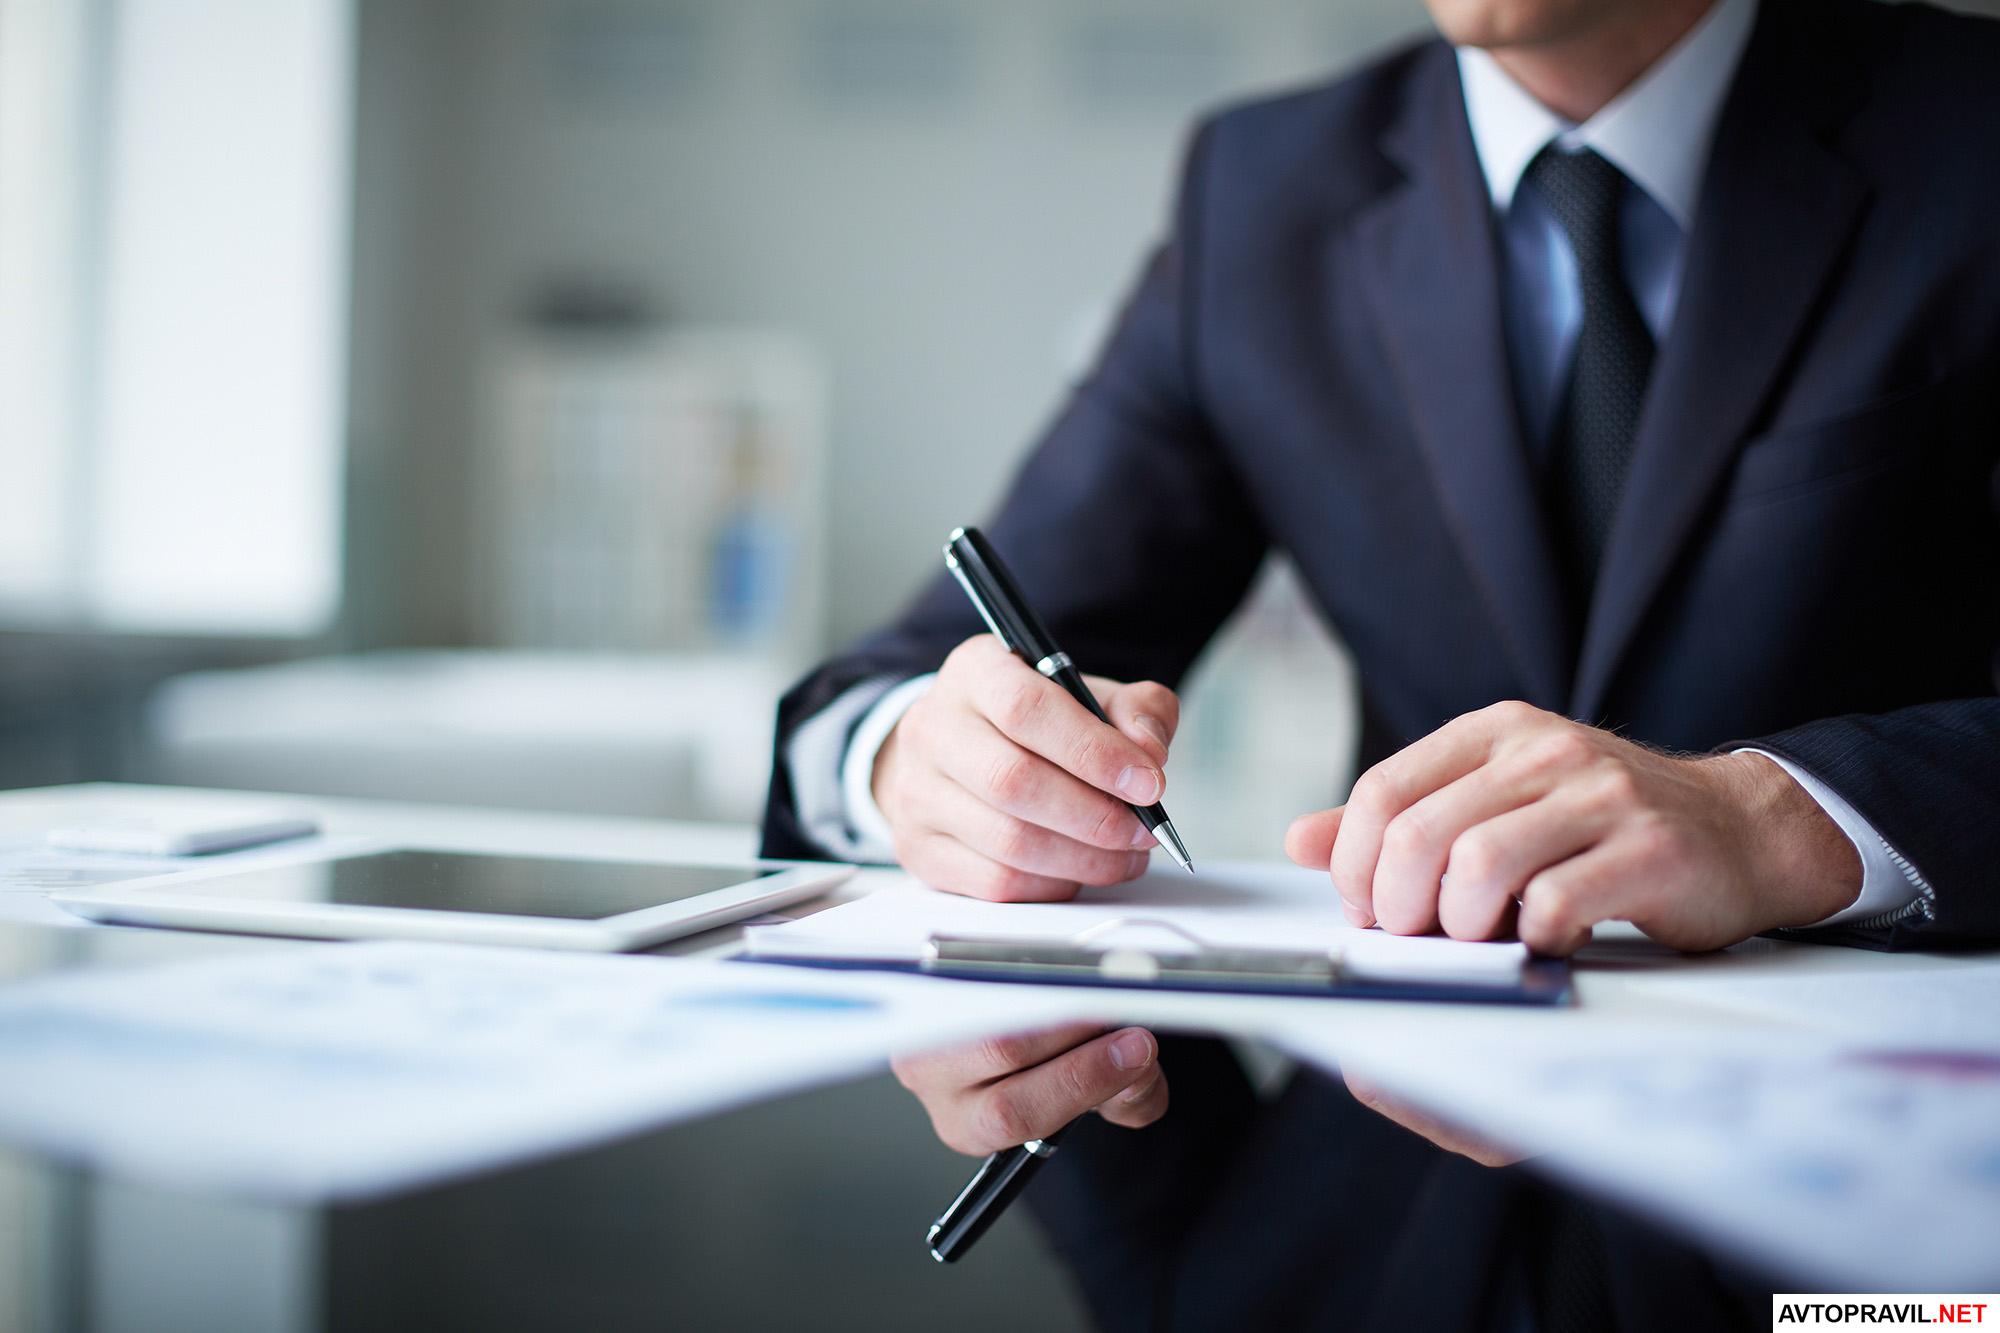 Мужчина пишущий ручкой на бумаге заявление